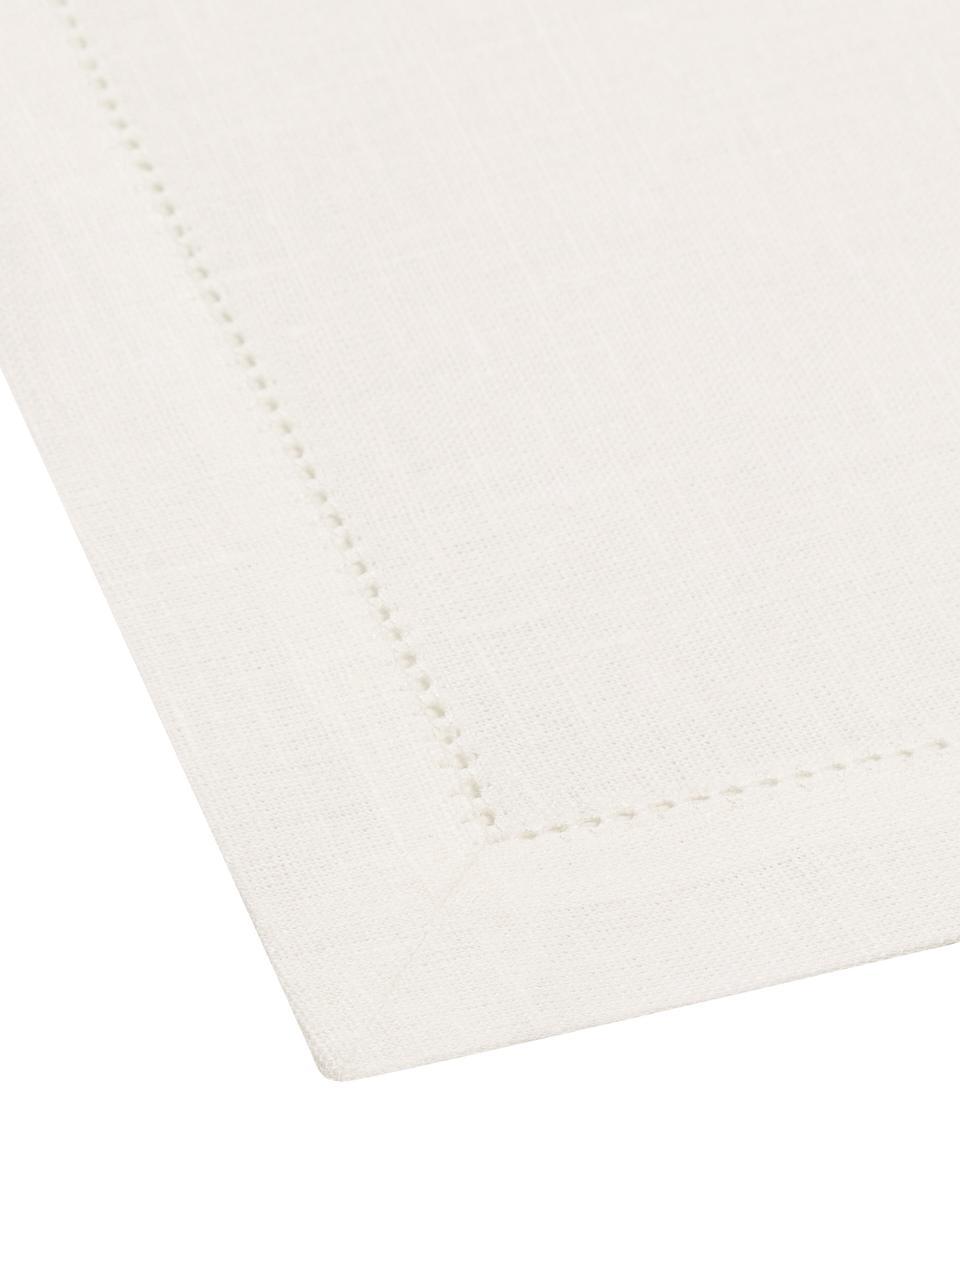 Serviettes de table en lin, avec ourlet Alanta, 6pièces, Blanc crème